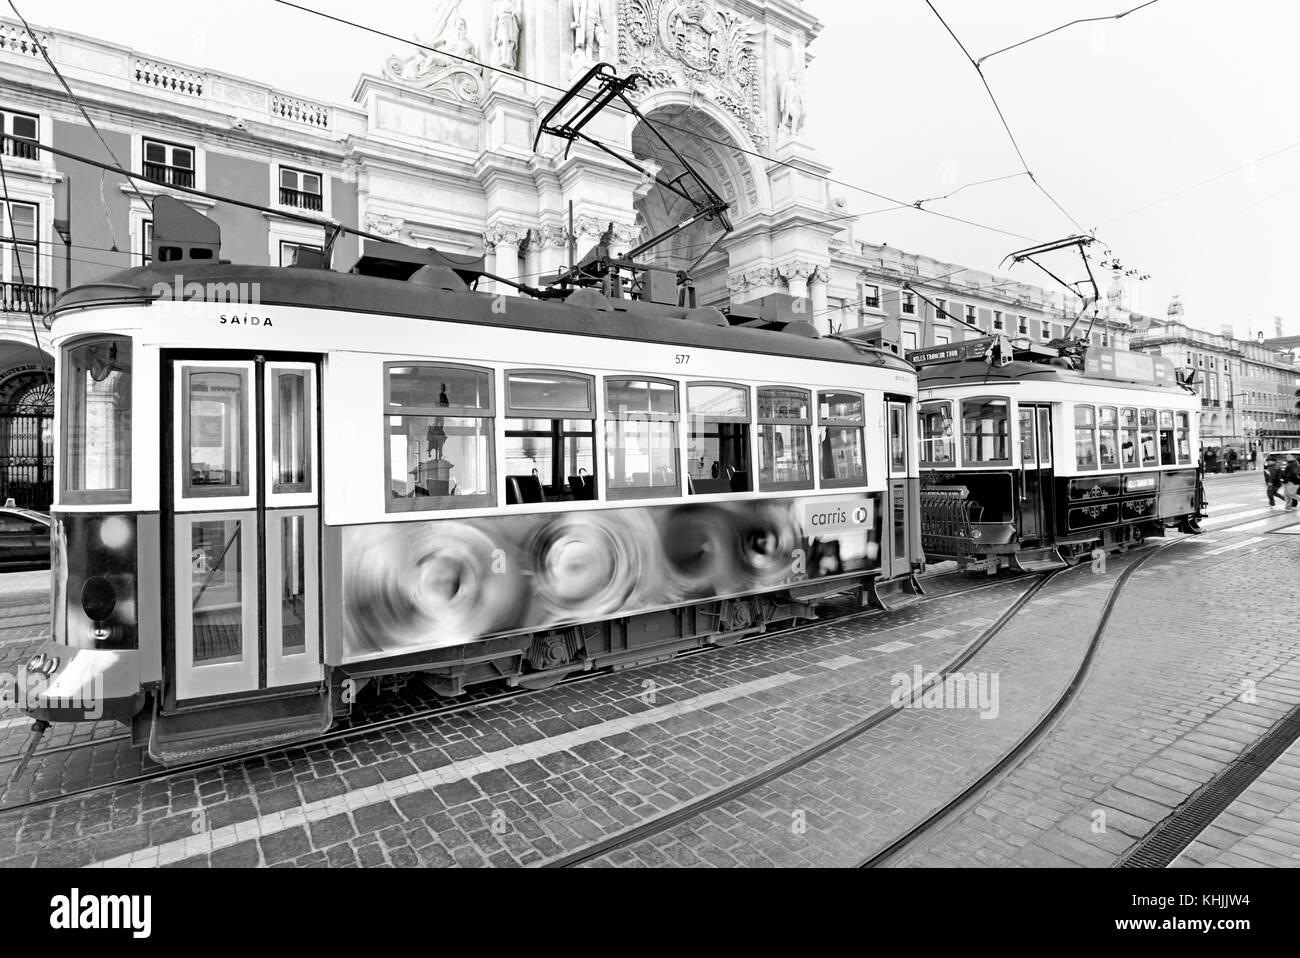 L'arrêt de tramway nostalgique à l'arc de triomphe, Lisbonne Photo Stock